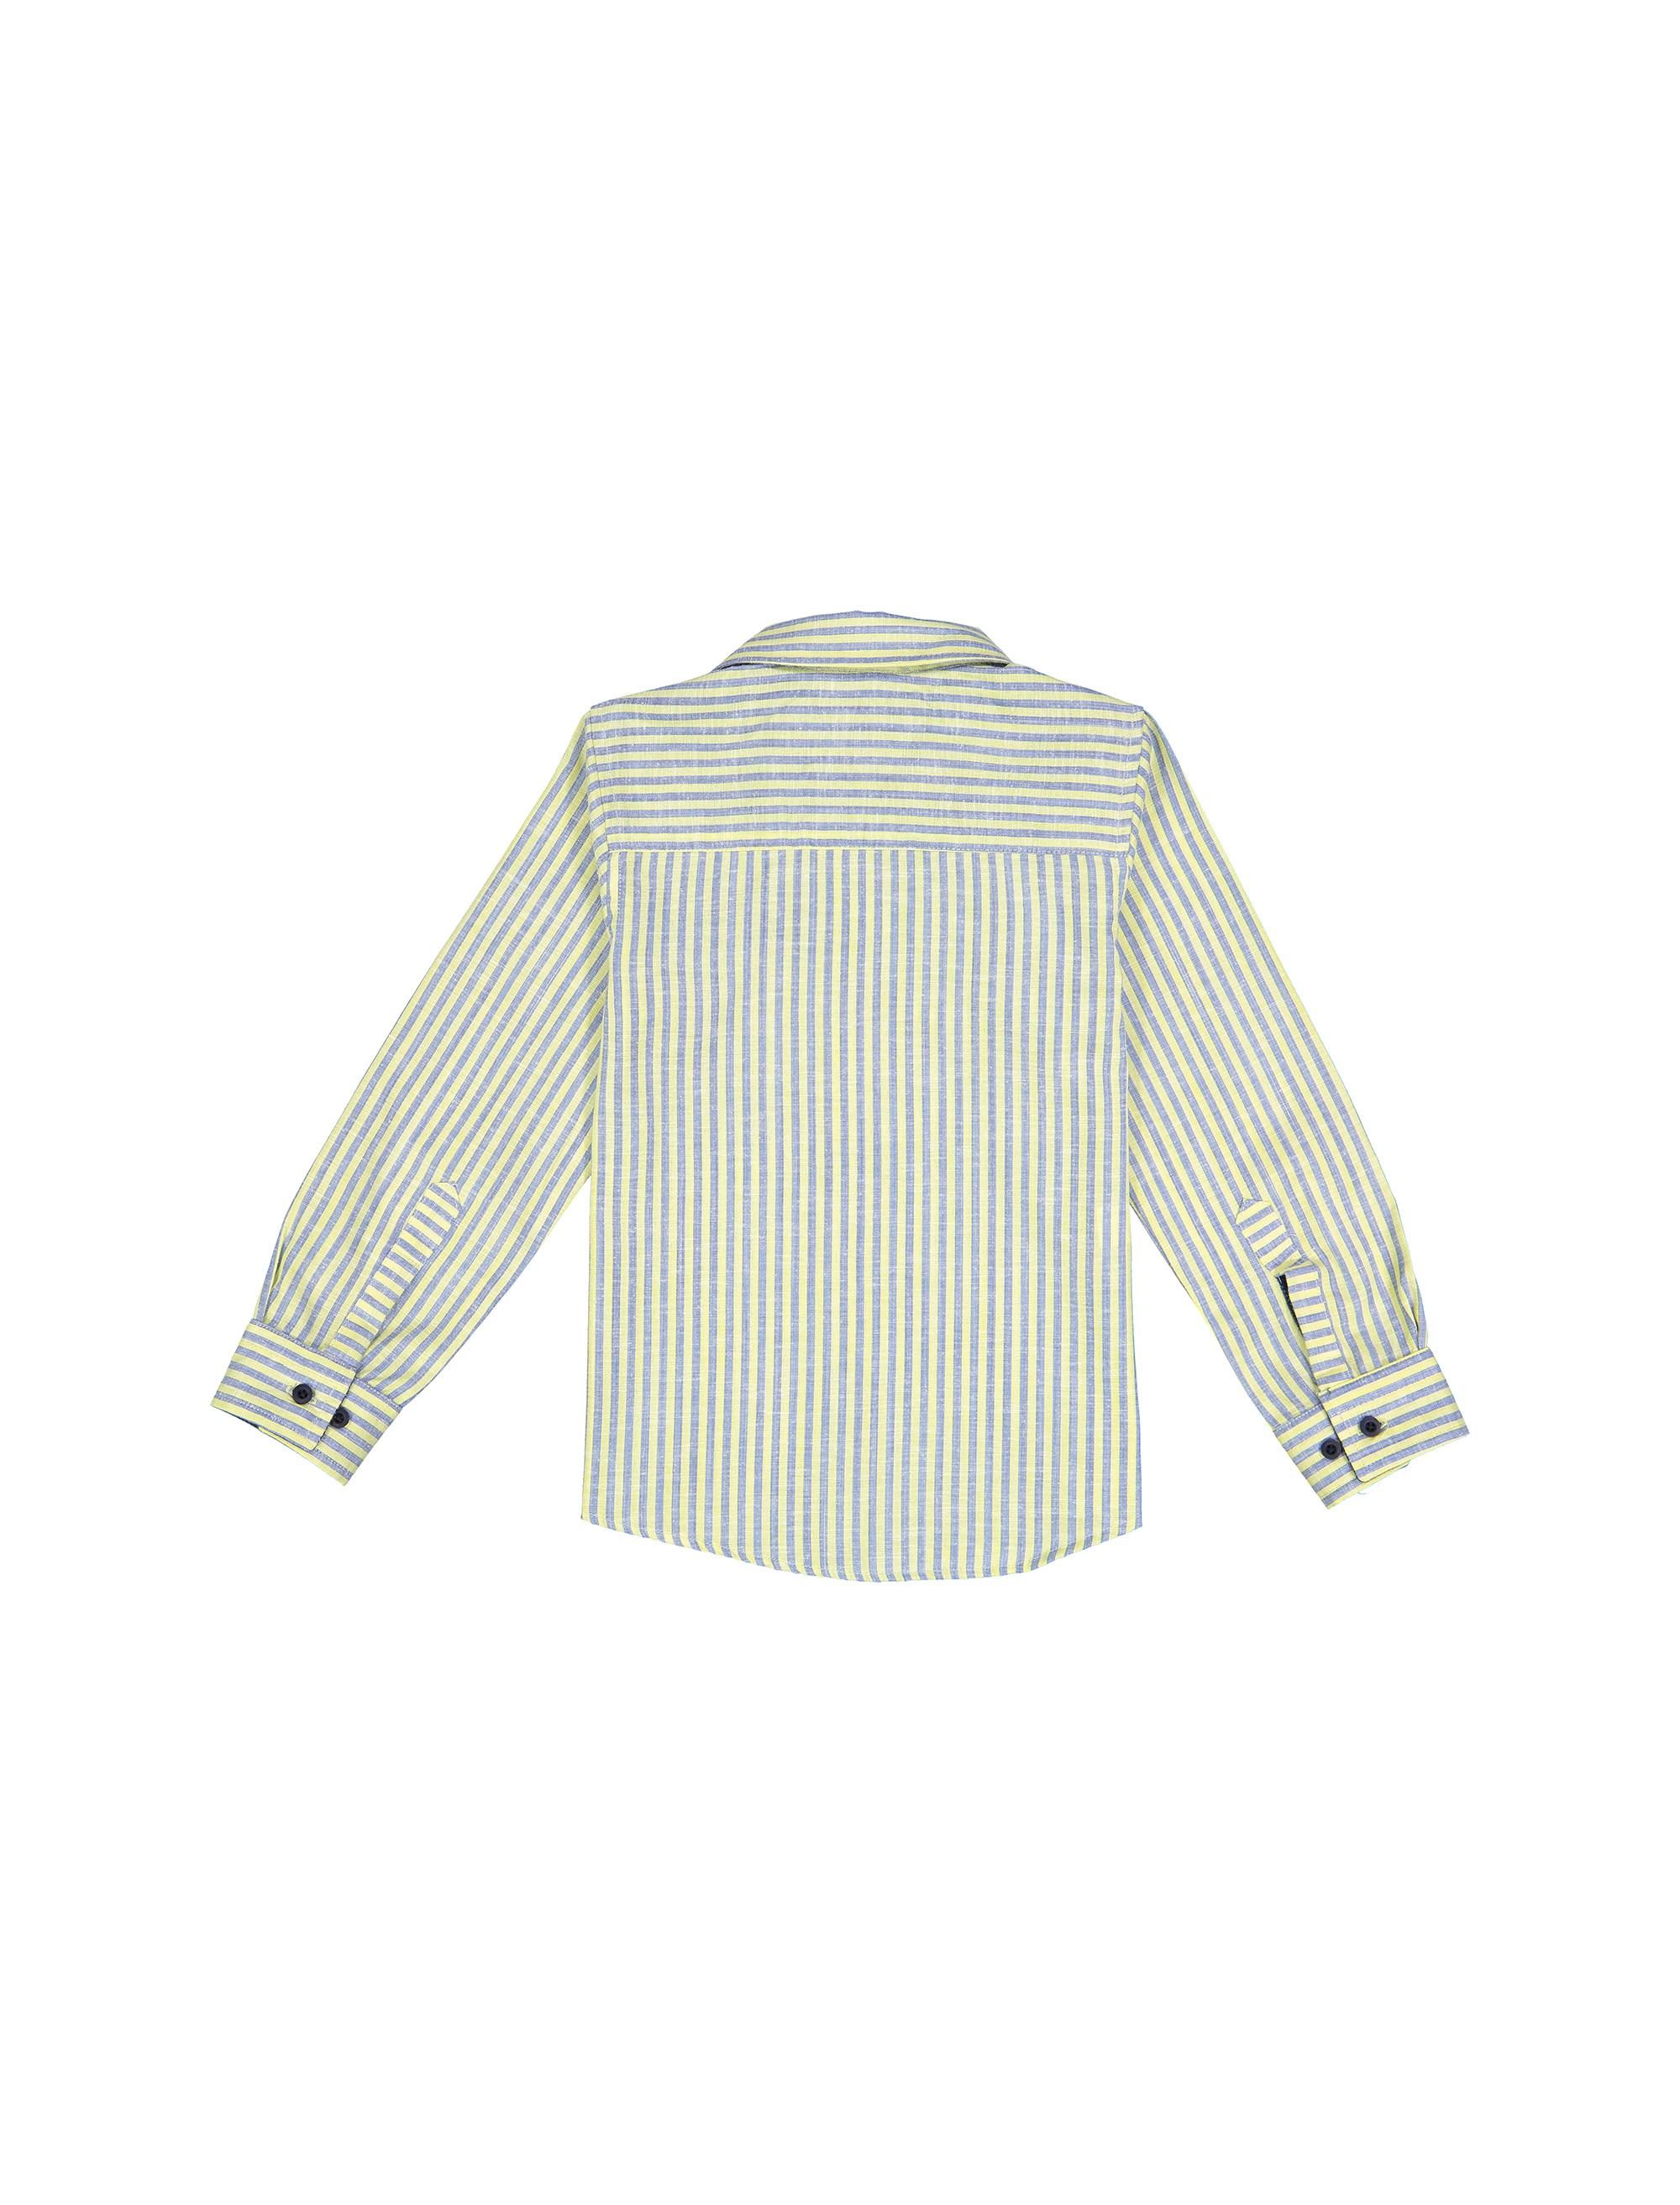 پیراهن نخی آستین بلند پسرانه - زرد - 2